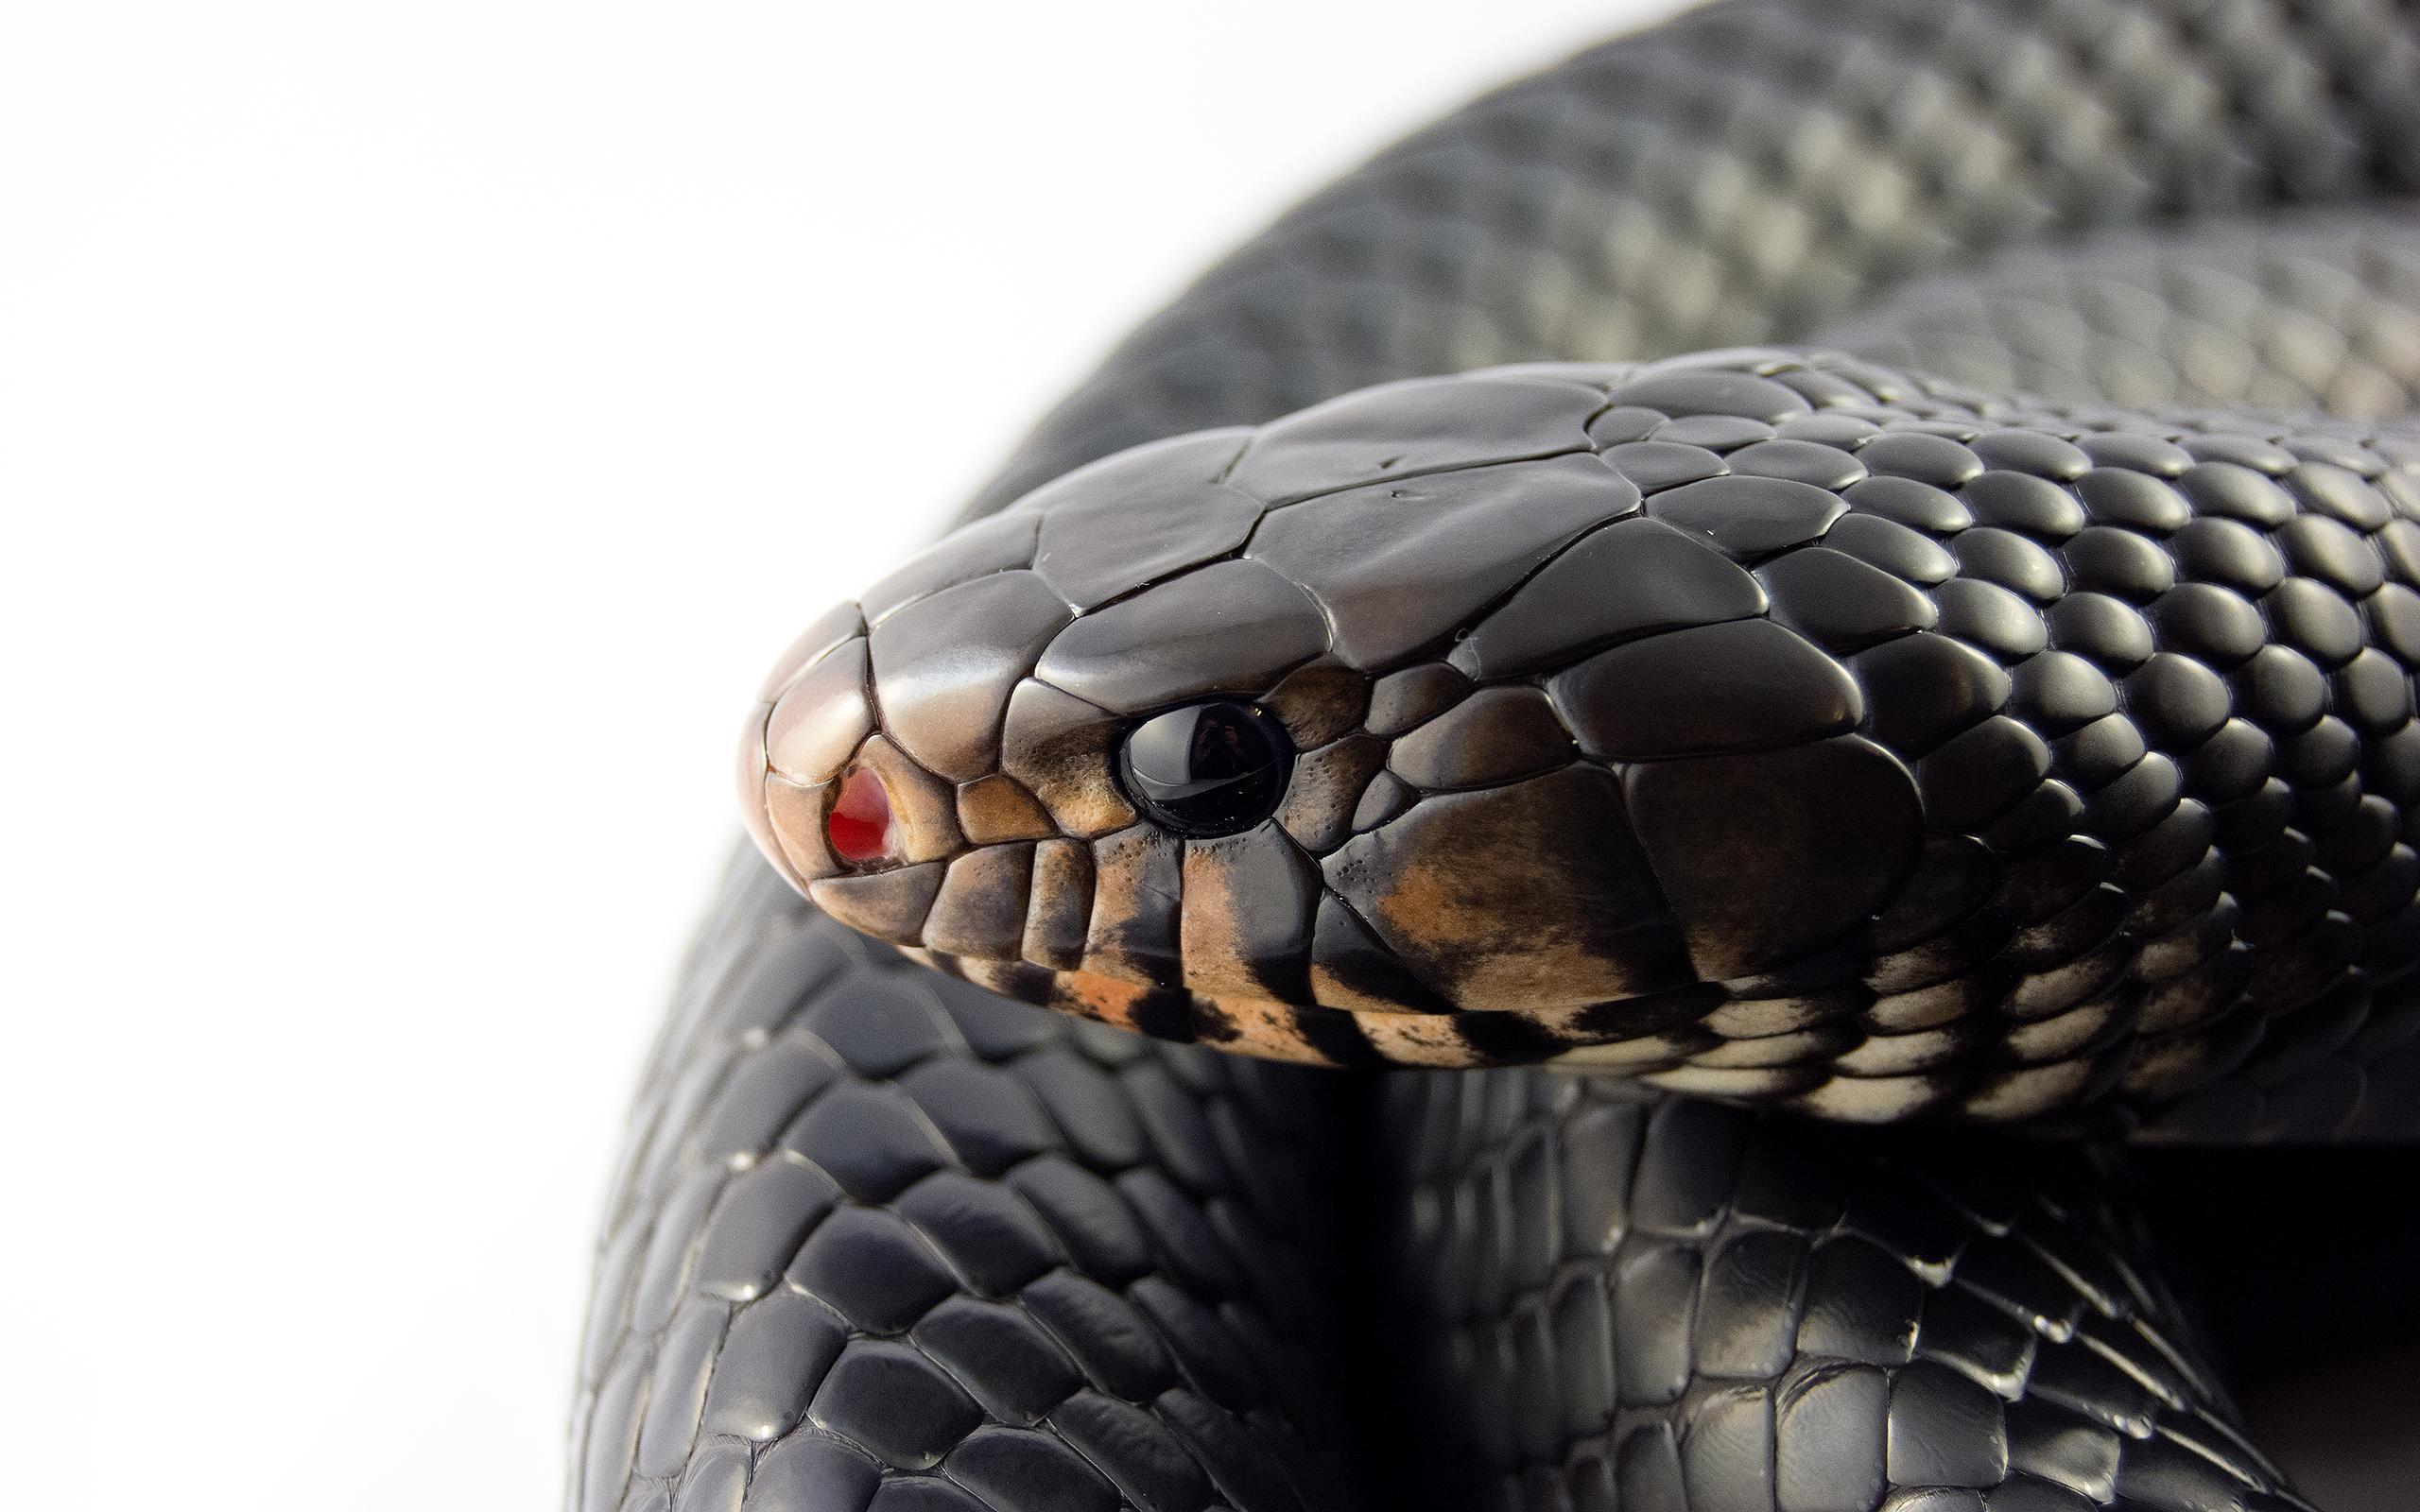 прикрепить какое-либо фото кобра обои на телефон его работу